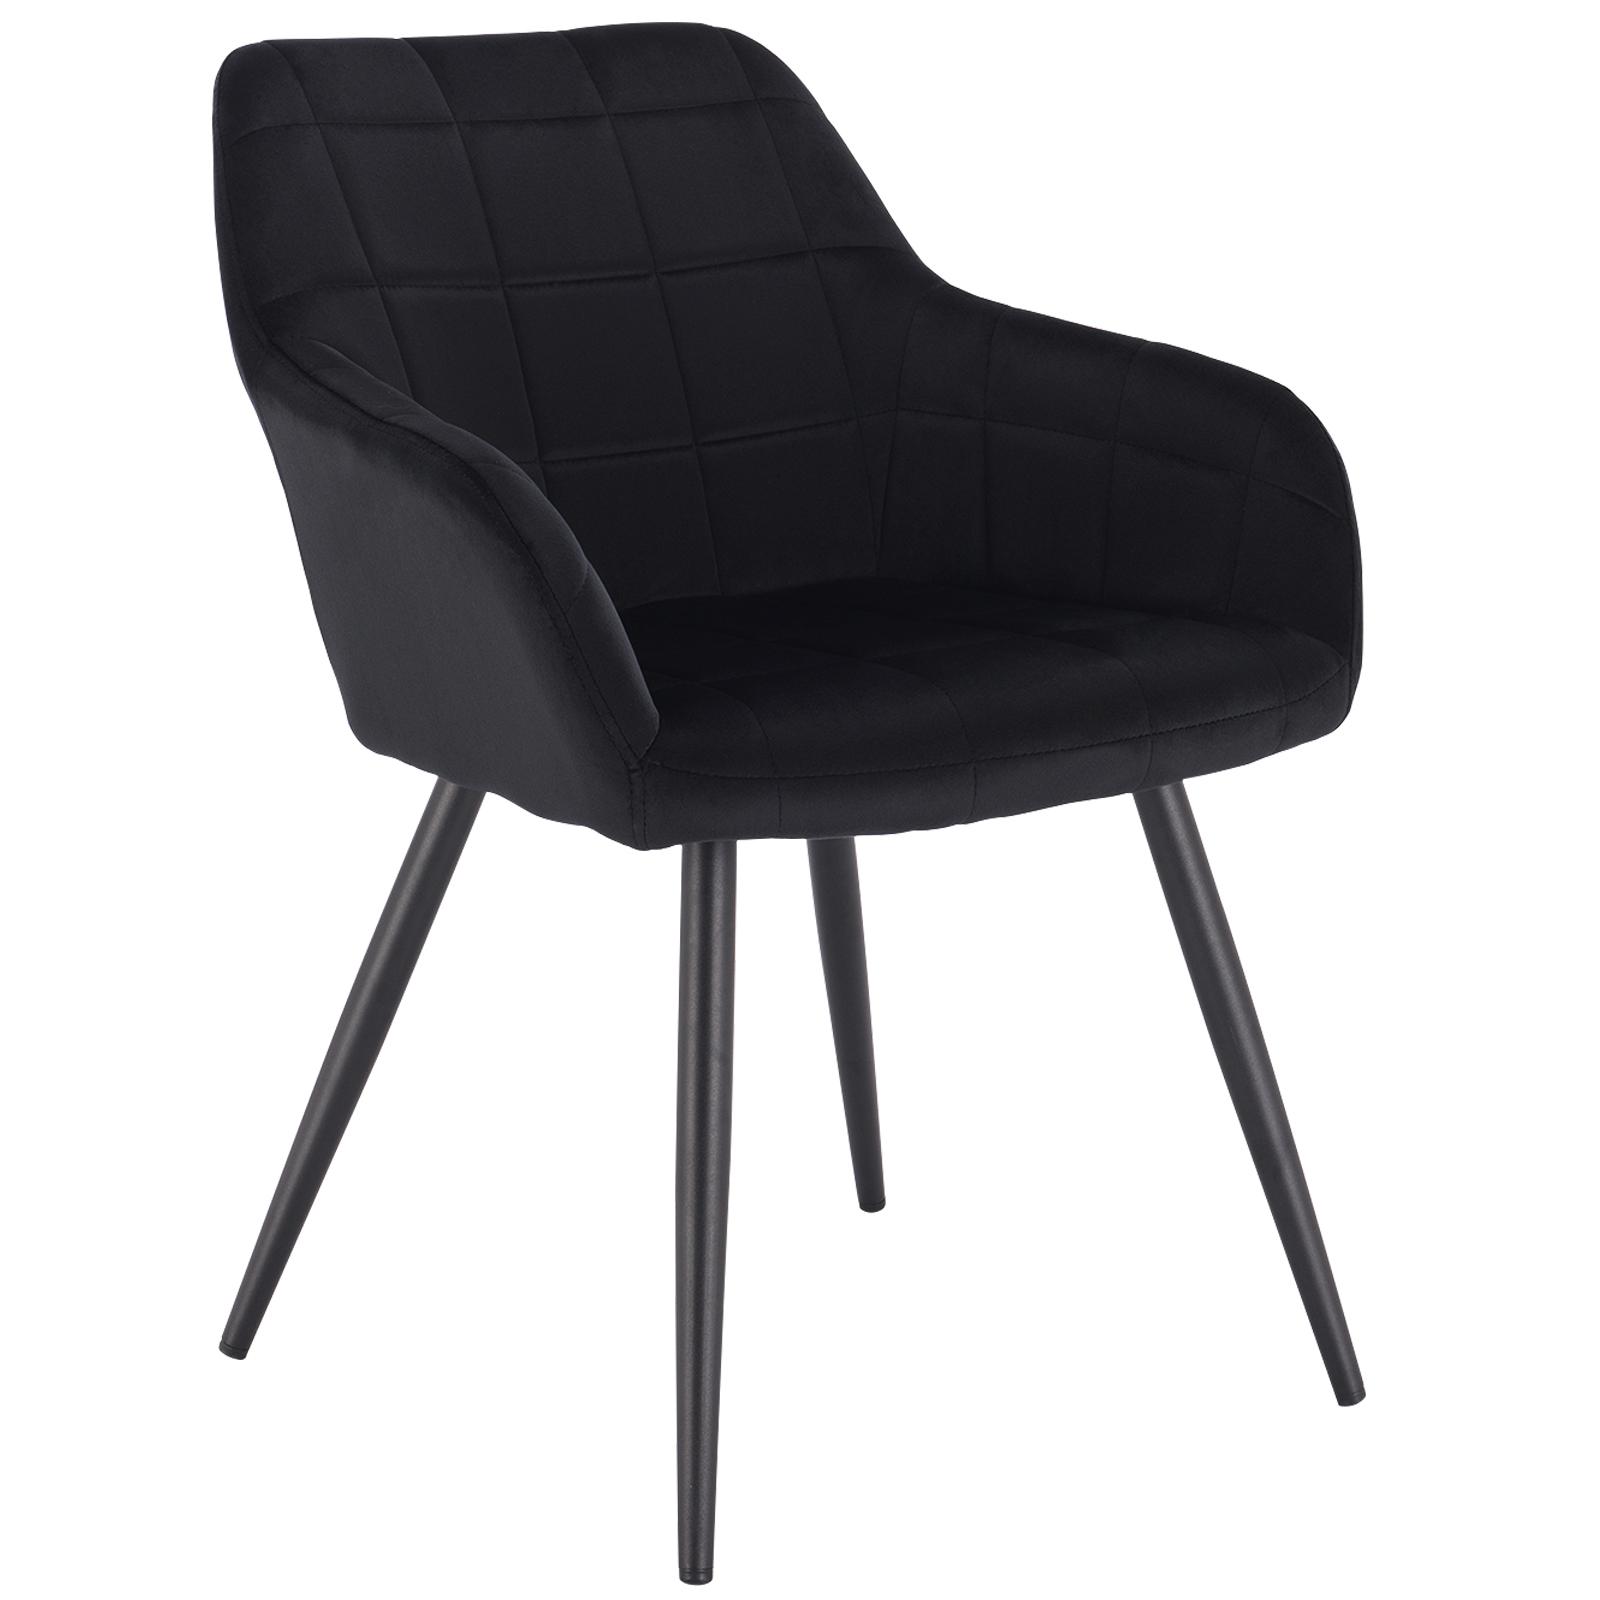 Esszimmerstuhl Küchenstuhl Polsterstuhl Wohnzimmerstuhl Sessel BH93sz-1